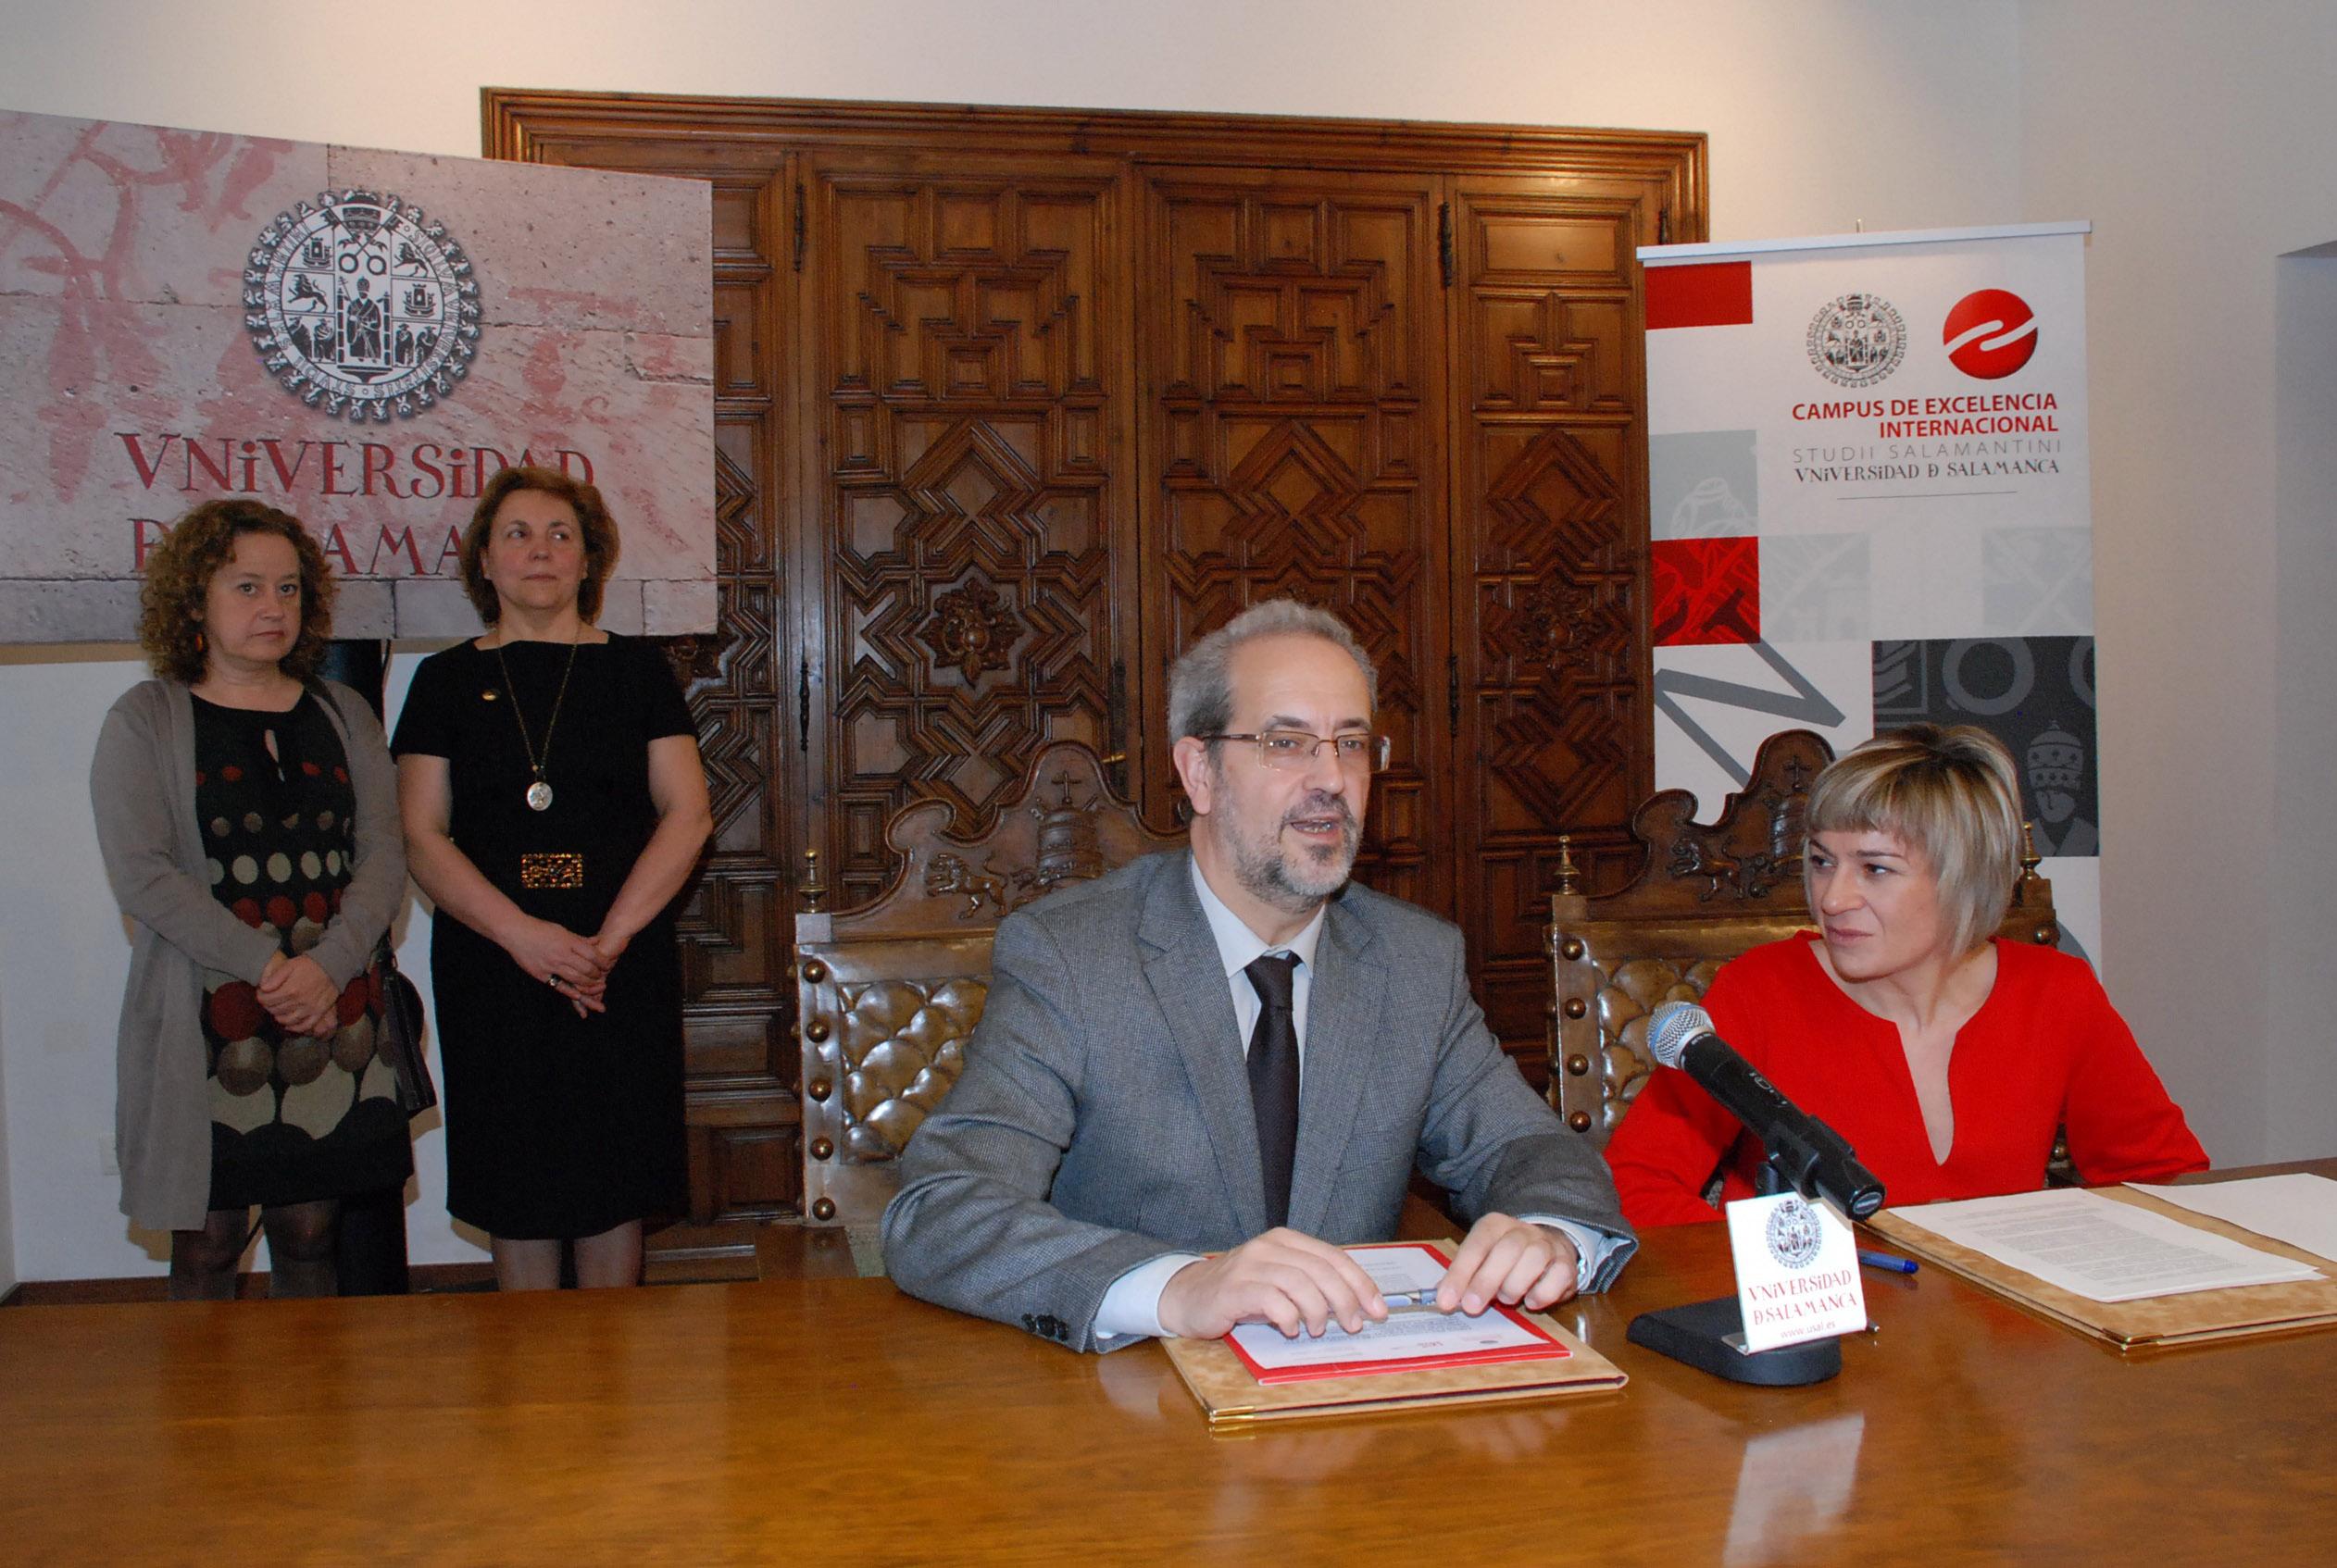 Acto público de firma del convenio